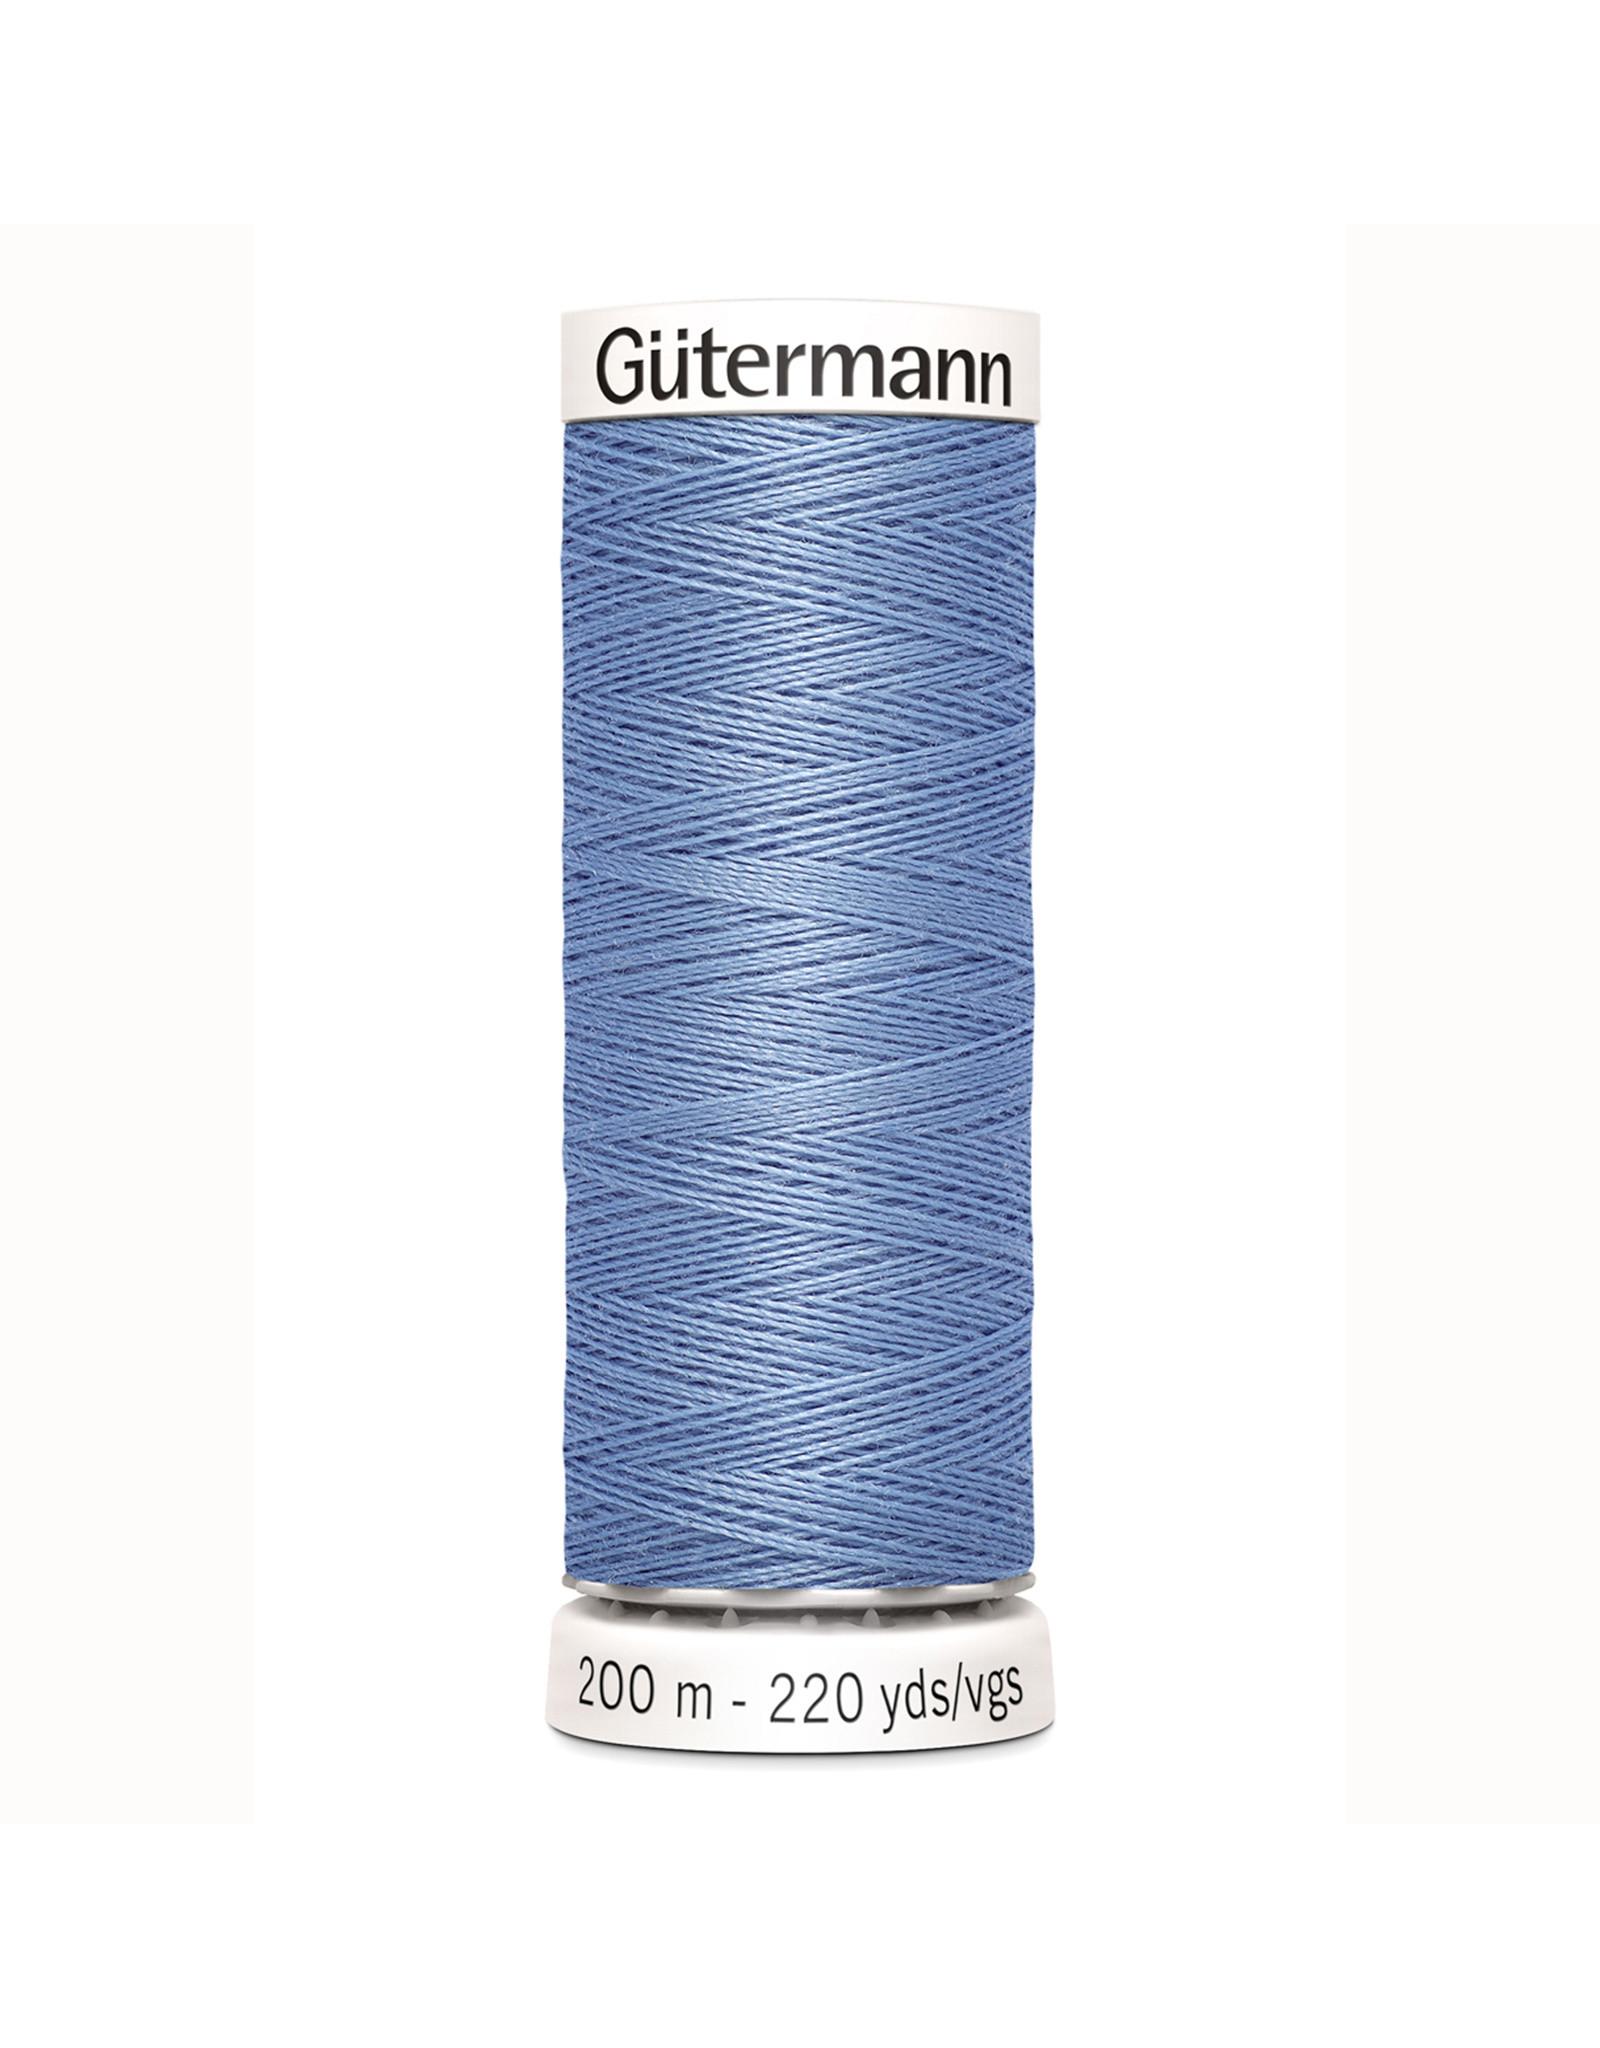 Gütermann Gütermann Nähgarn 200 m - nr 74